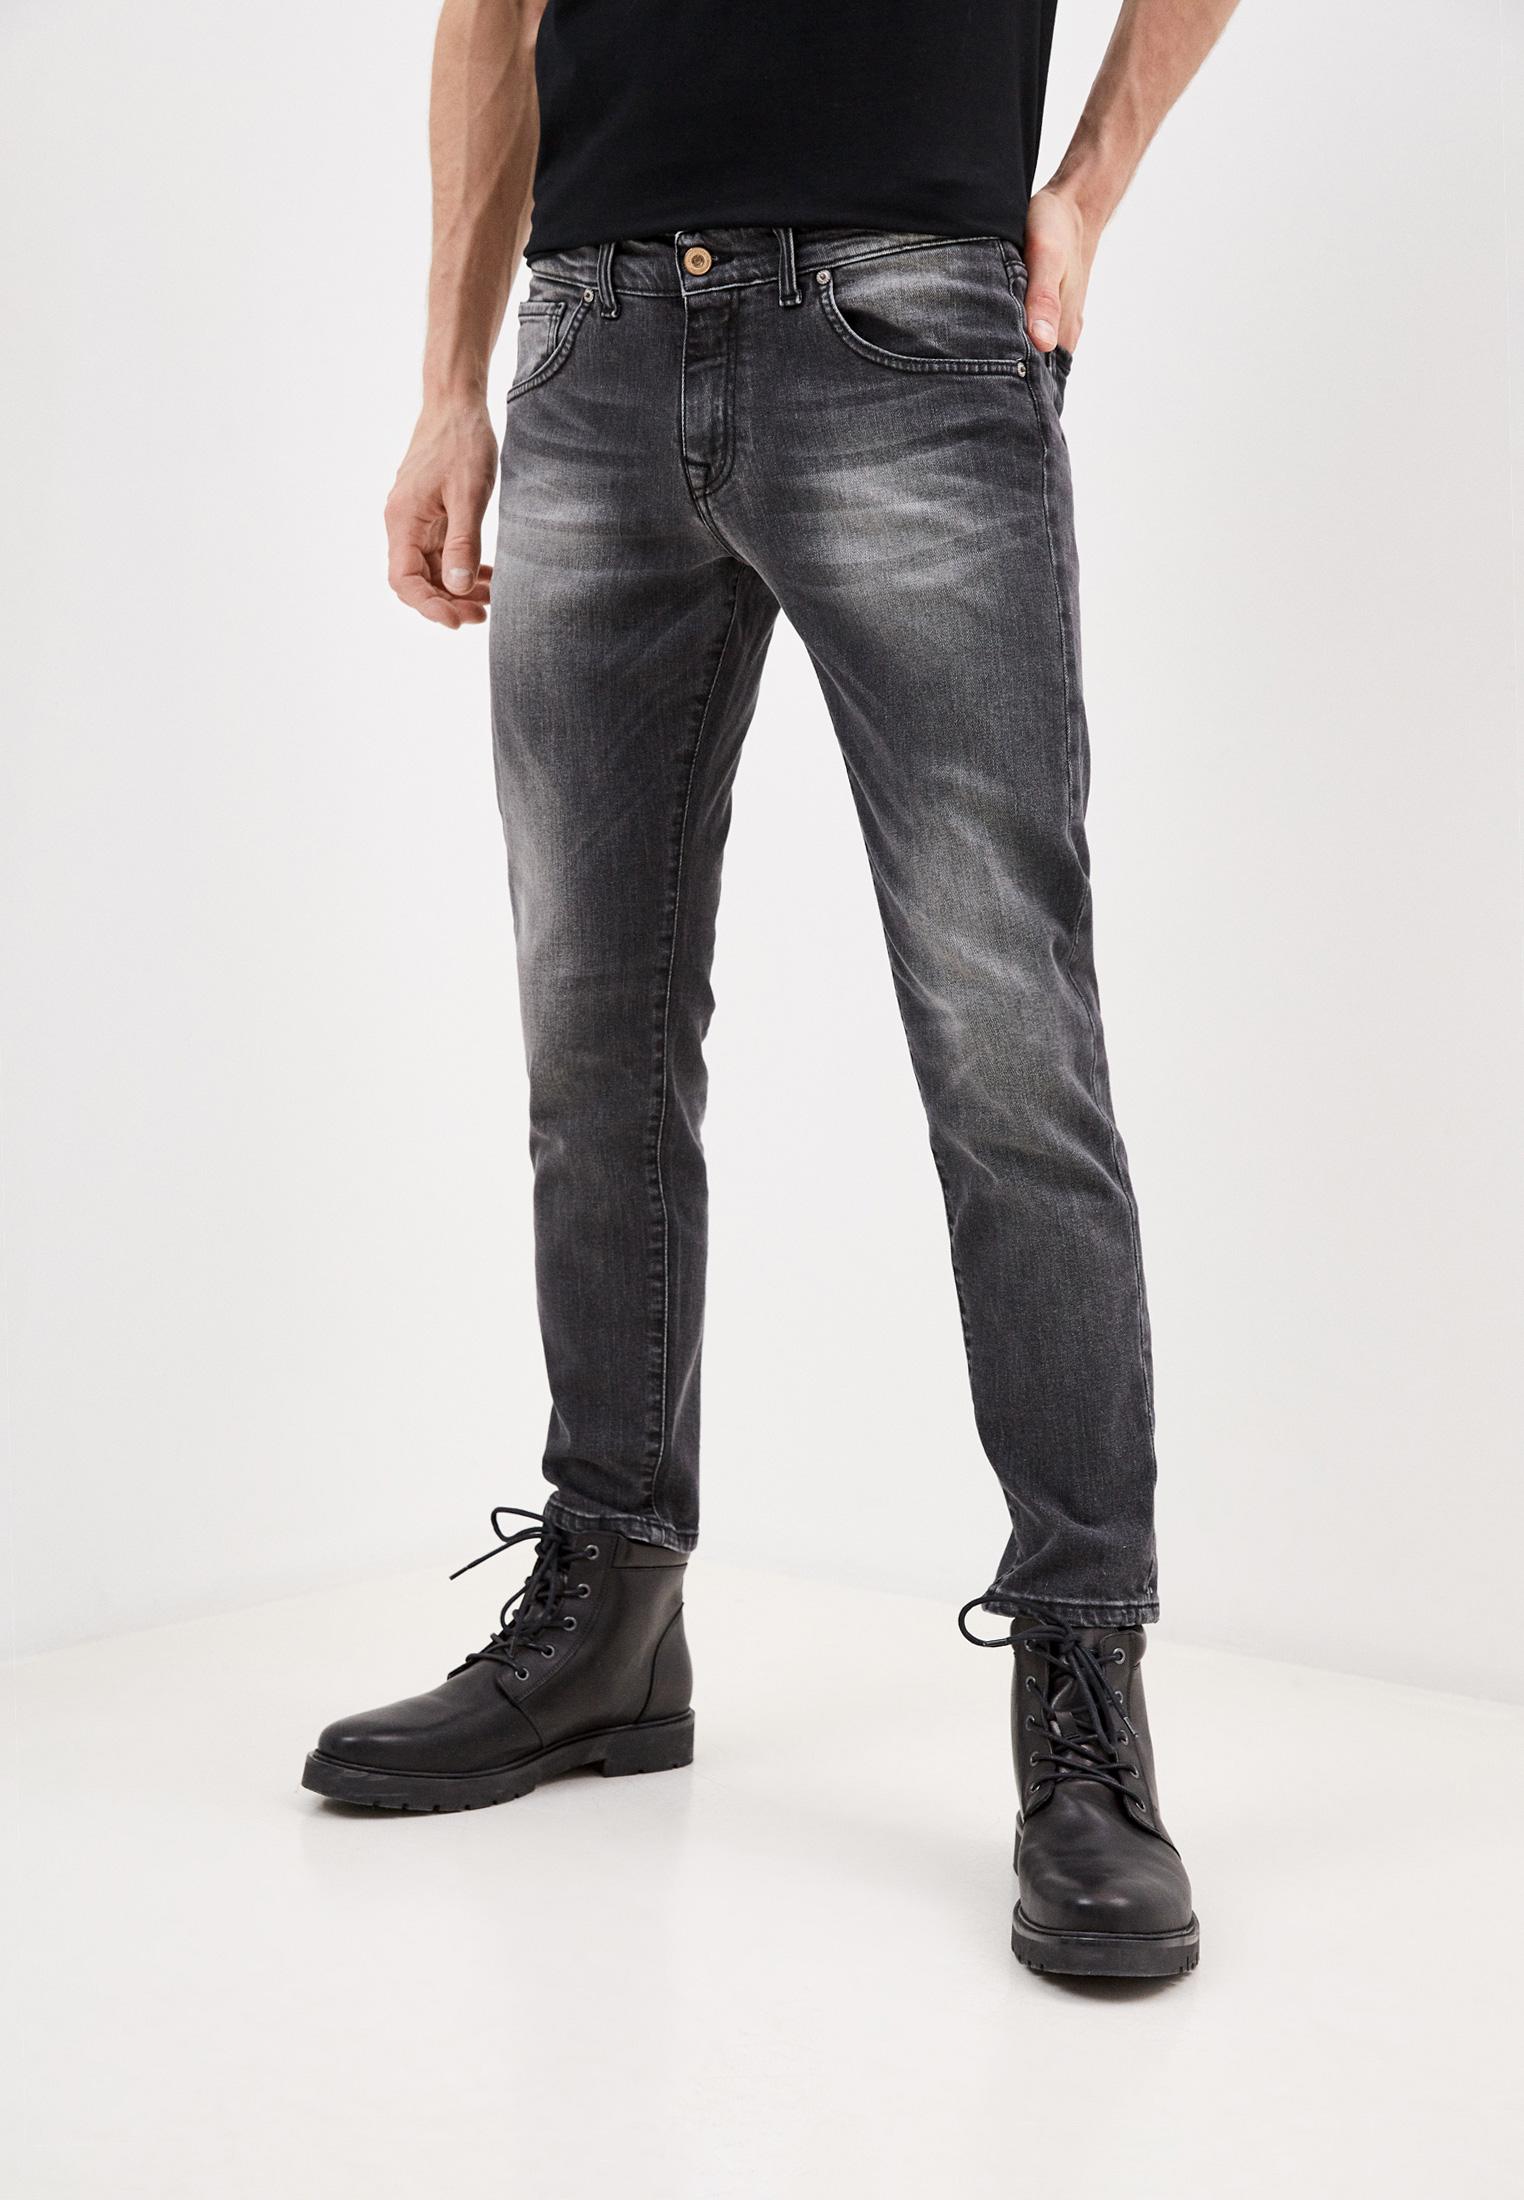 Мужские зауженные джинсы Baldinini (Балдинини) JJMJ01D0065G1: изображение 1